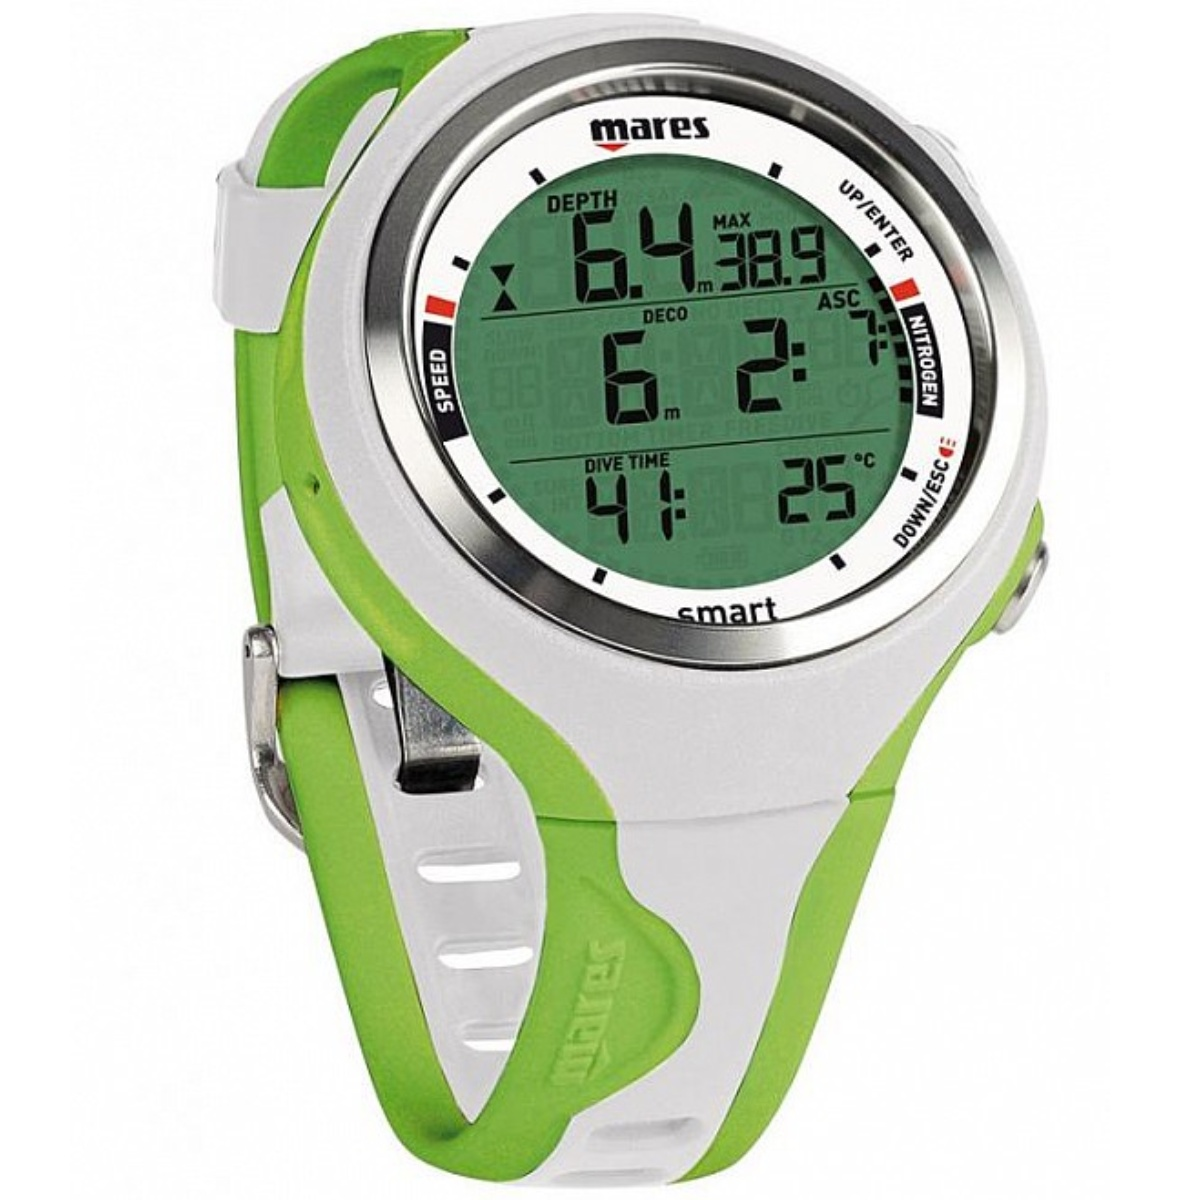 Potápačský počítač MARES Smart zeleno-biely